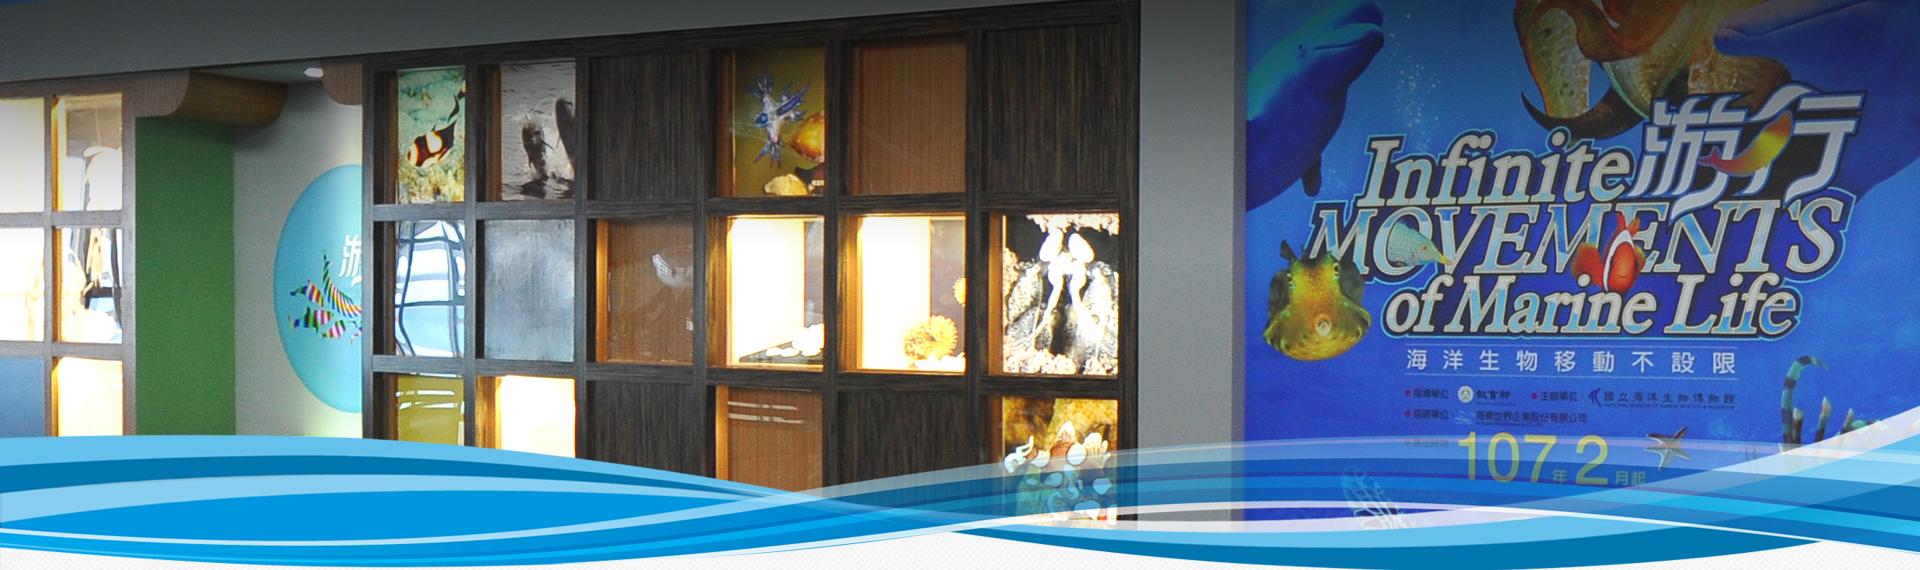 解開透明魚的秘密! 「雀斯派倫特˙費雪的秘密」特展,樹谷生活科學園區驚艷登場